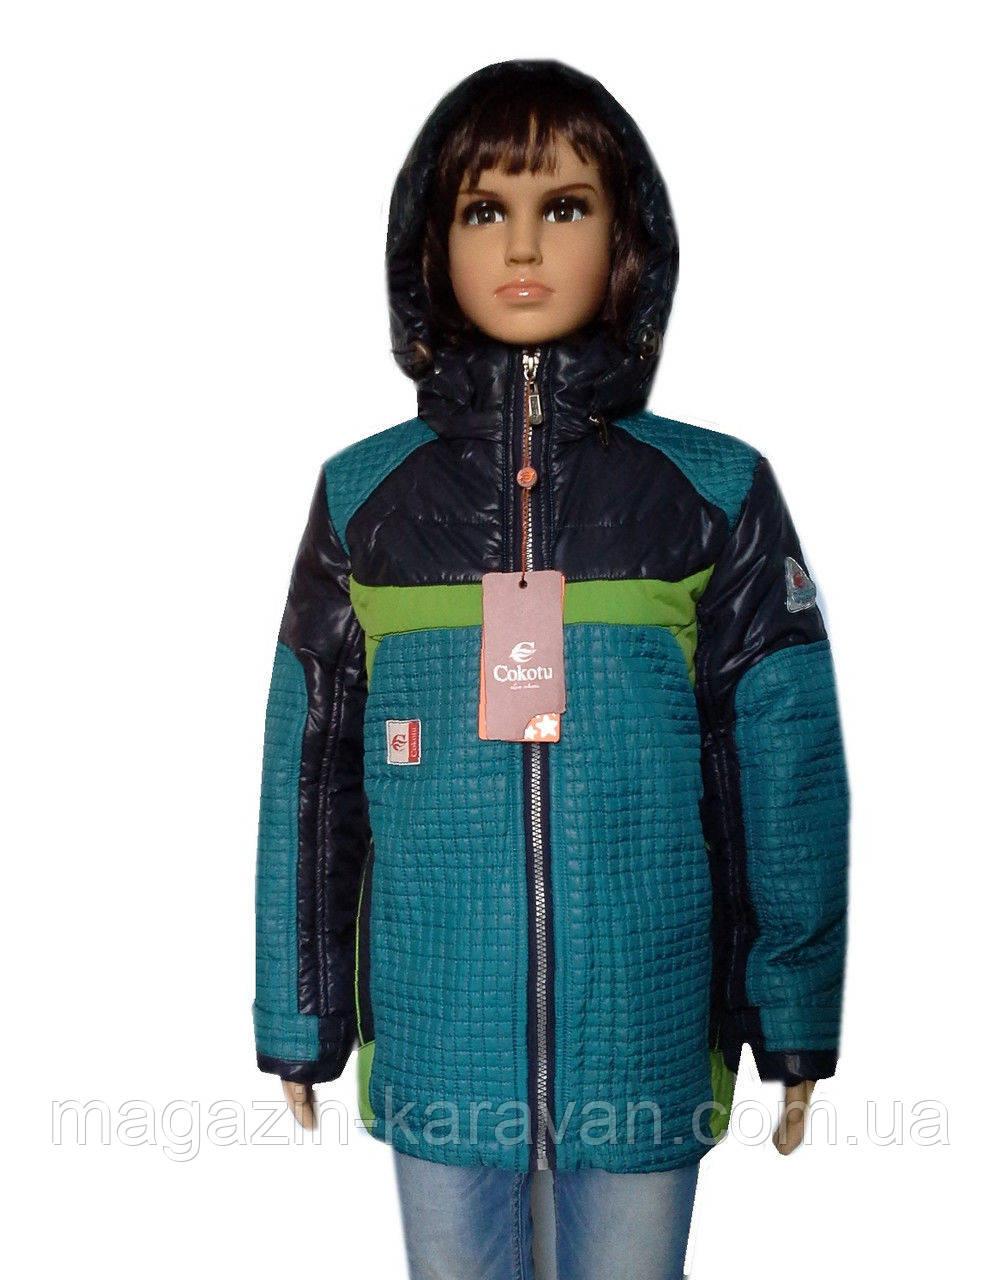 Модная куртка на мальчика